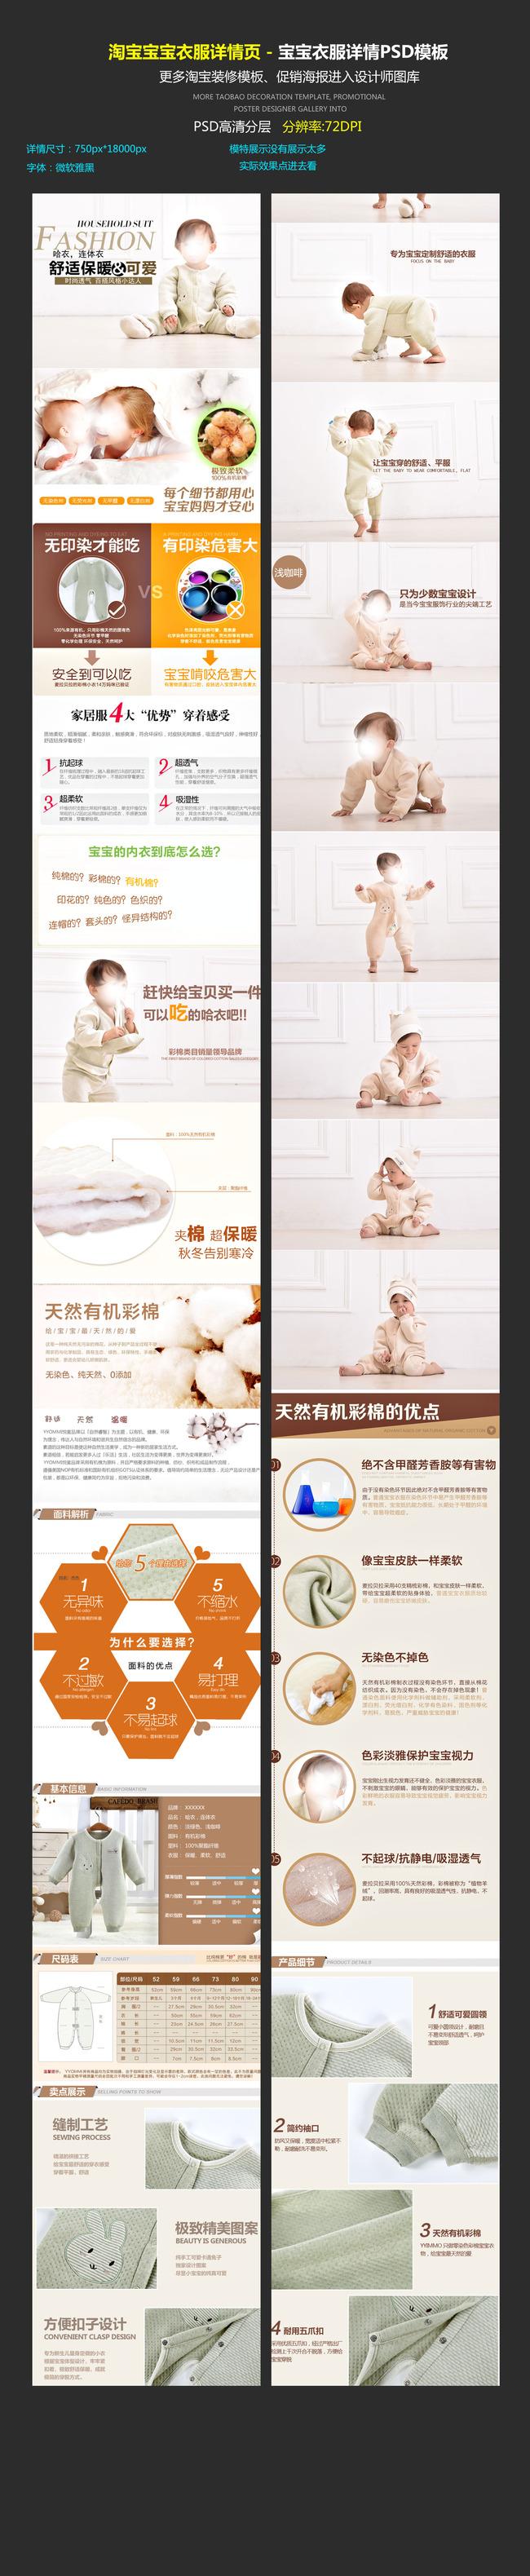 聚视觉淘宝天猫宝宝衣服详情描述页模板